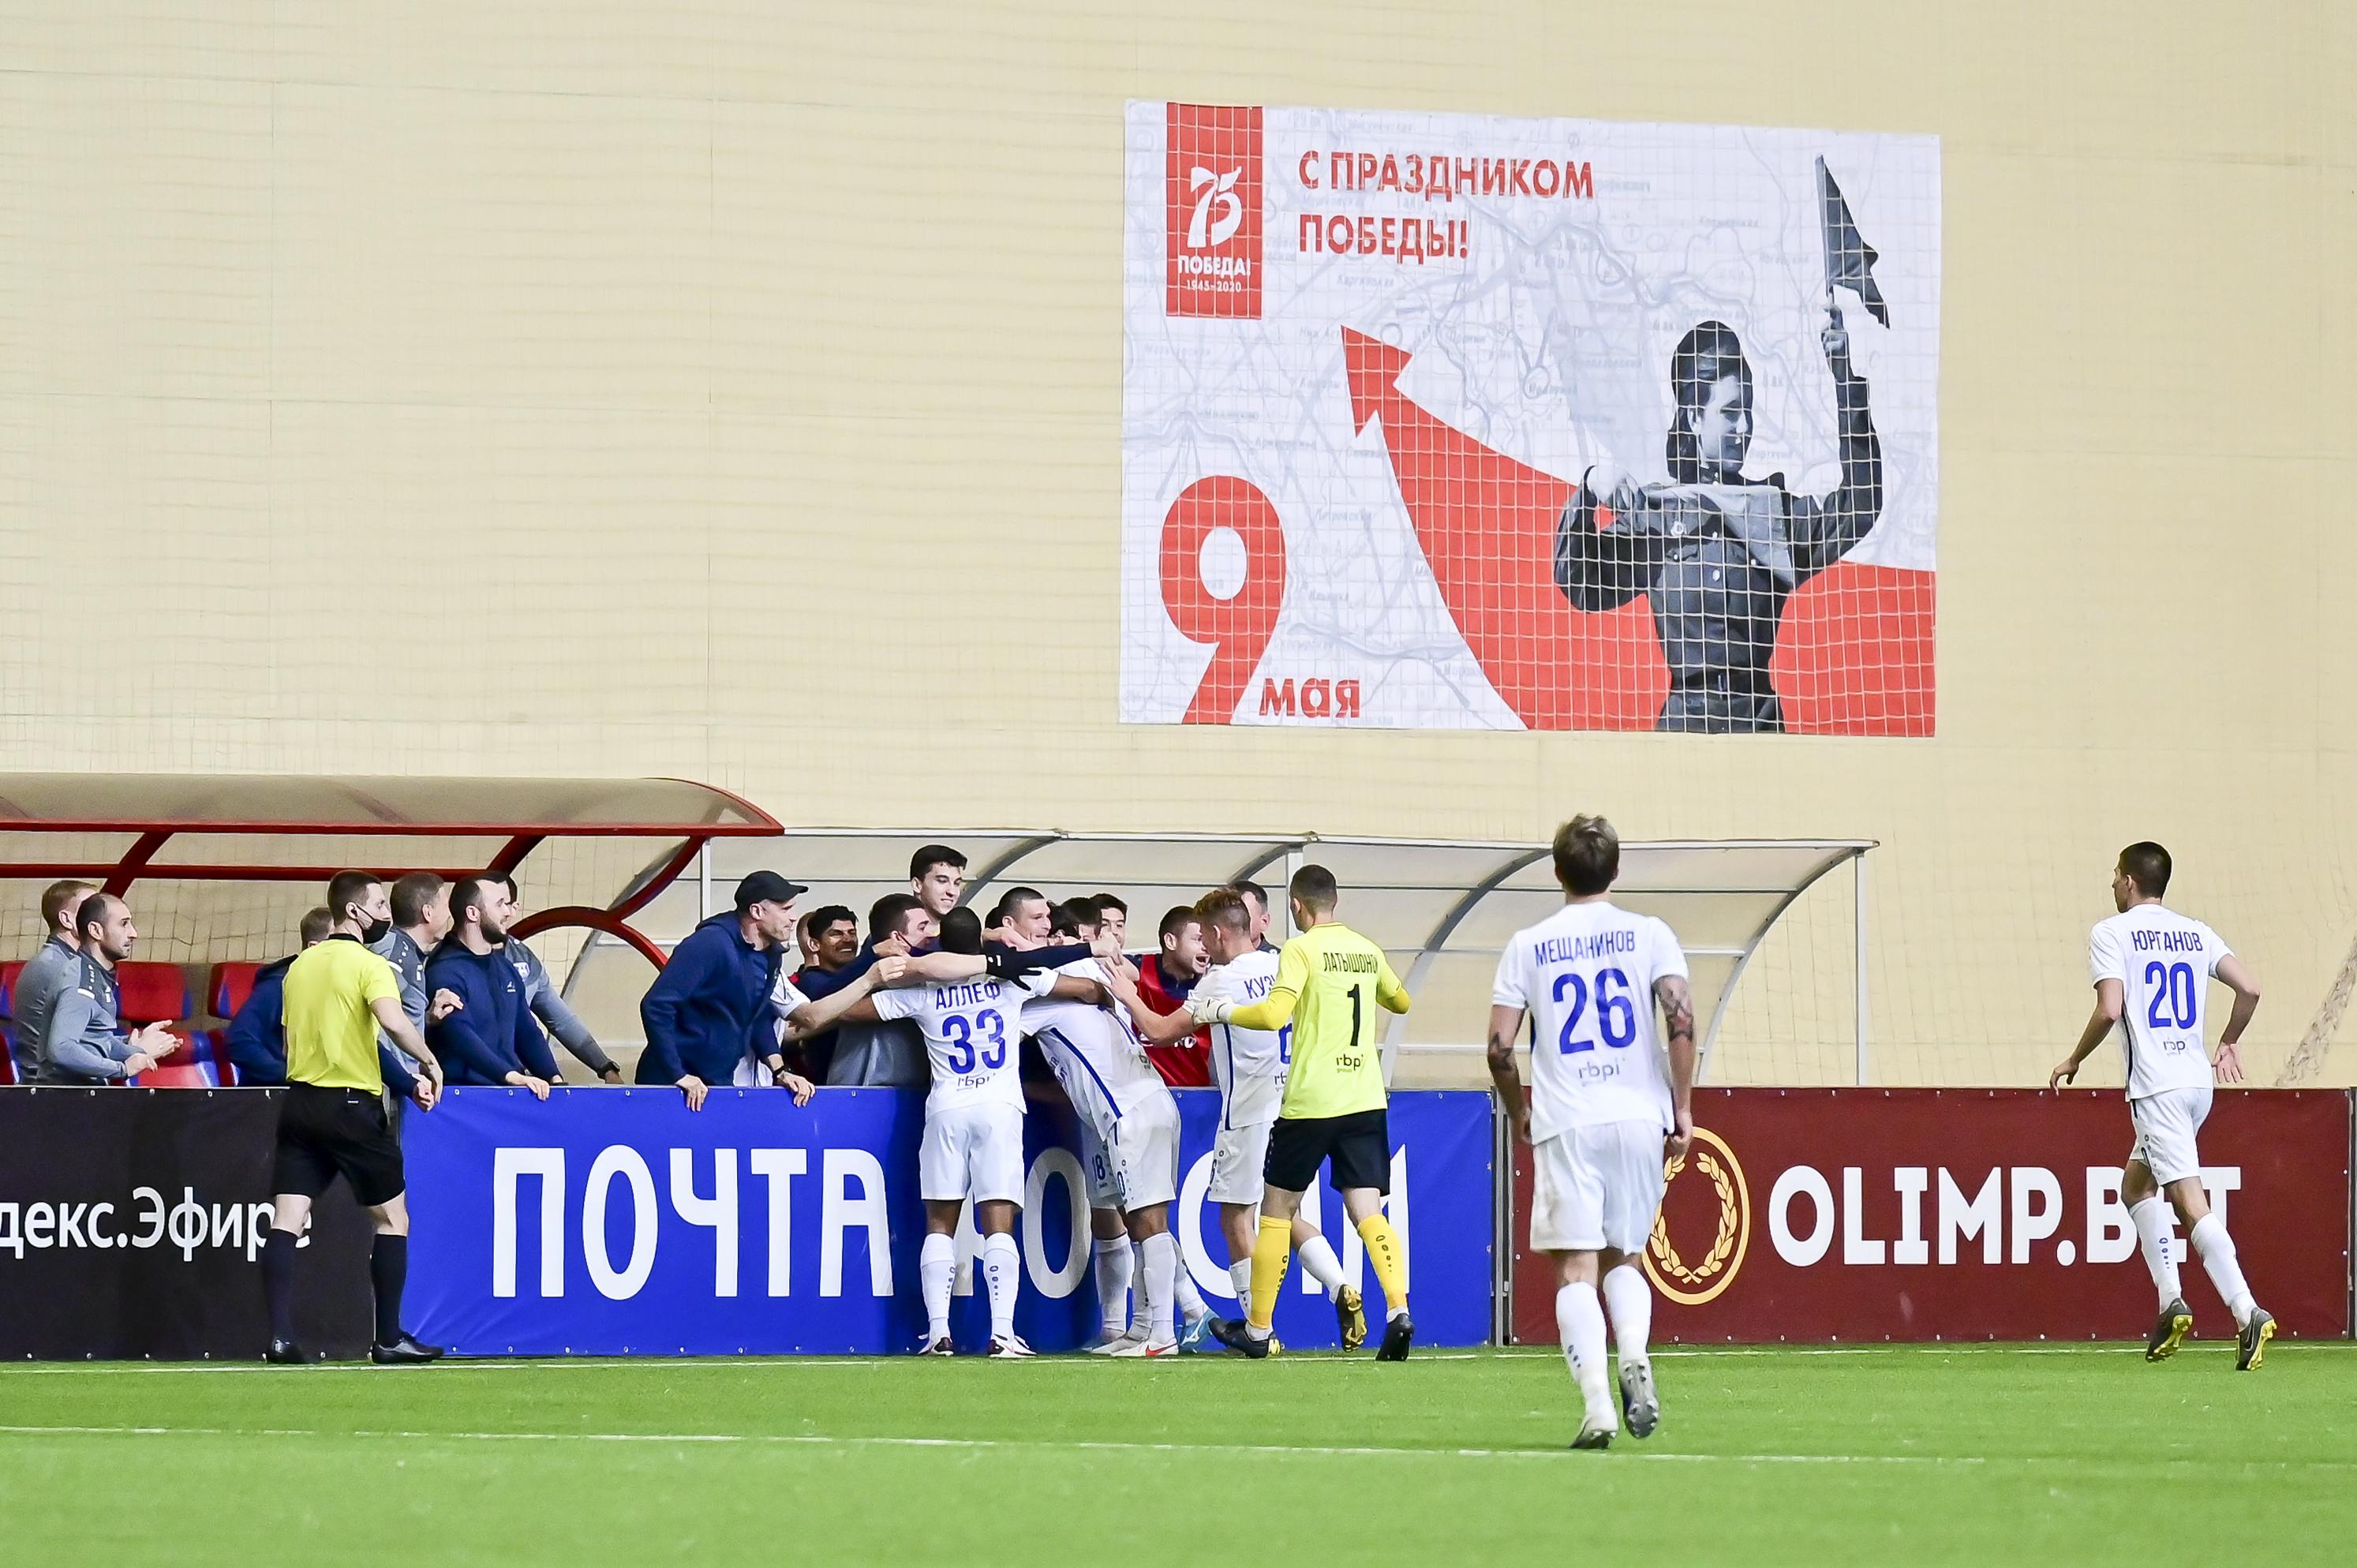 Суперкамбэк в ФНЛ. «Балтика» обыграла «Енисей», уступая до 89 минуты в счете